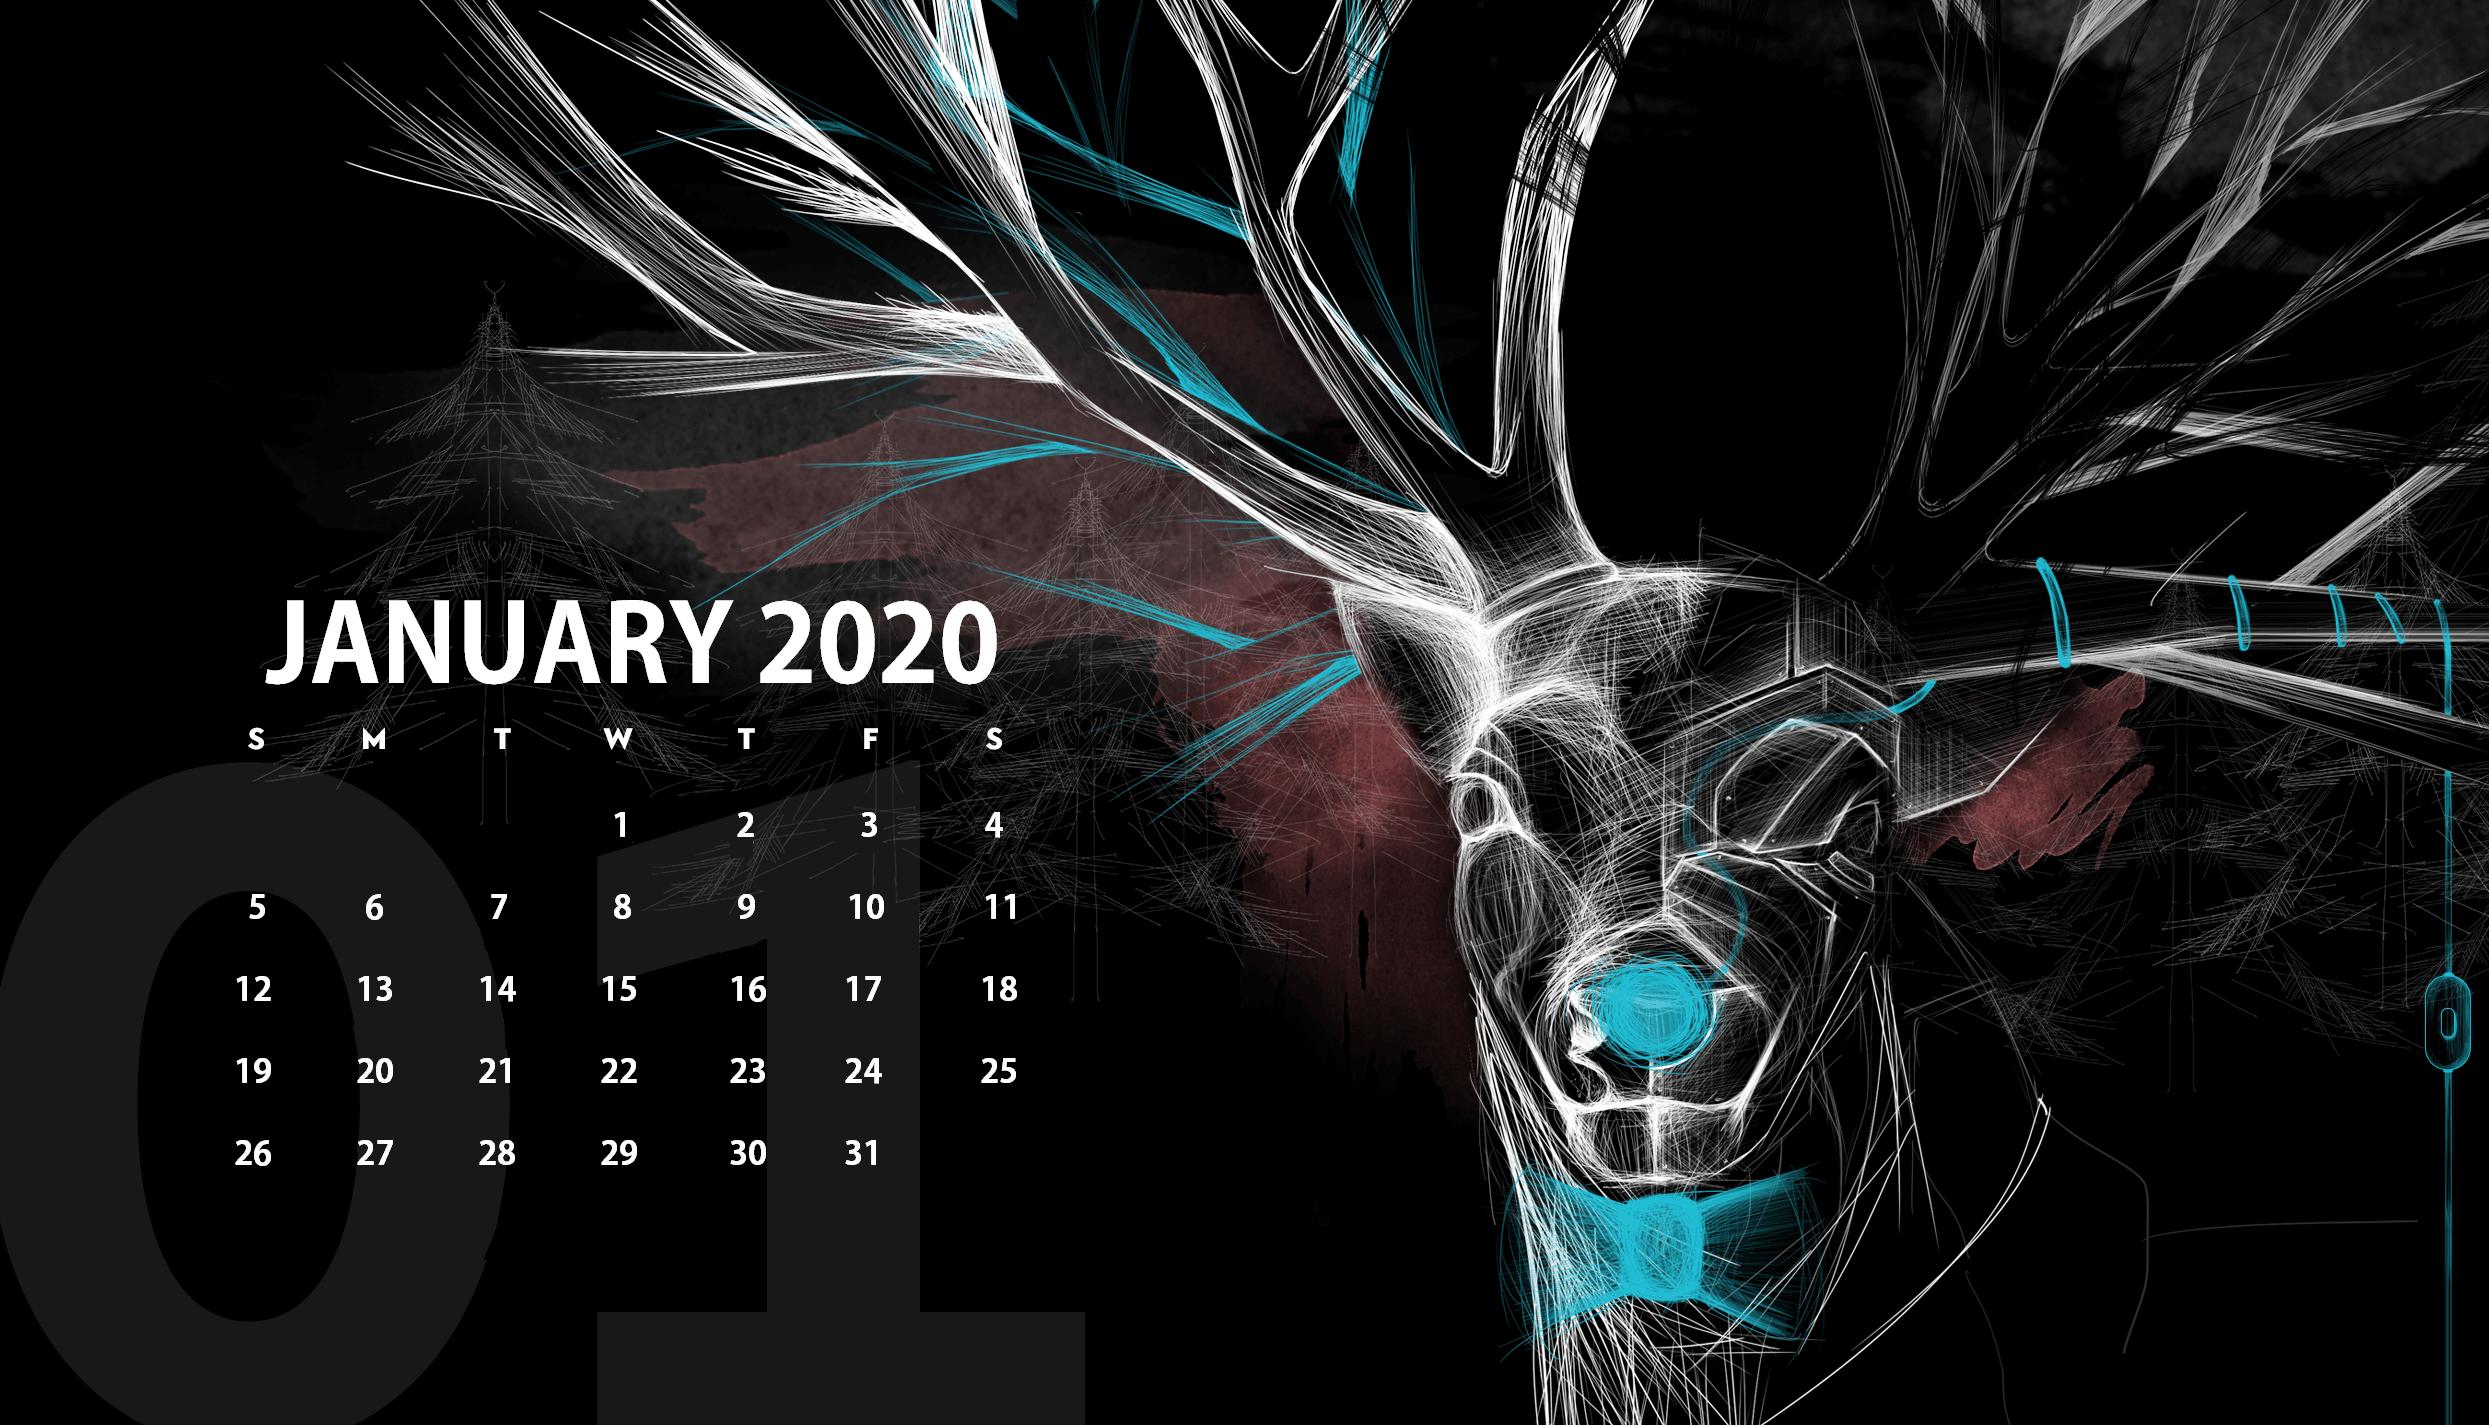 Desktop 2020 Calendar Wallpaper Calendar 2019 2489x1425